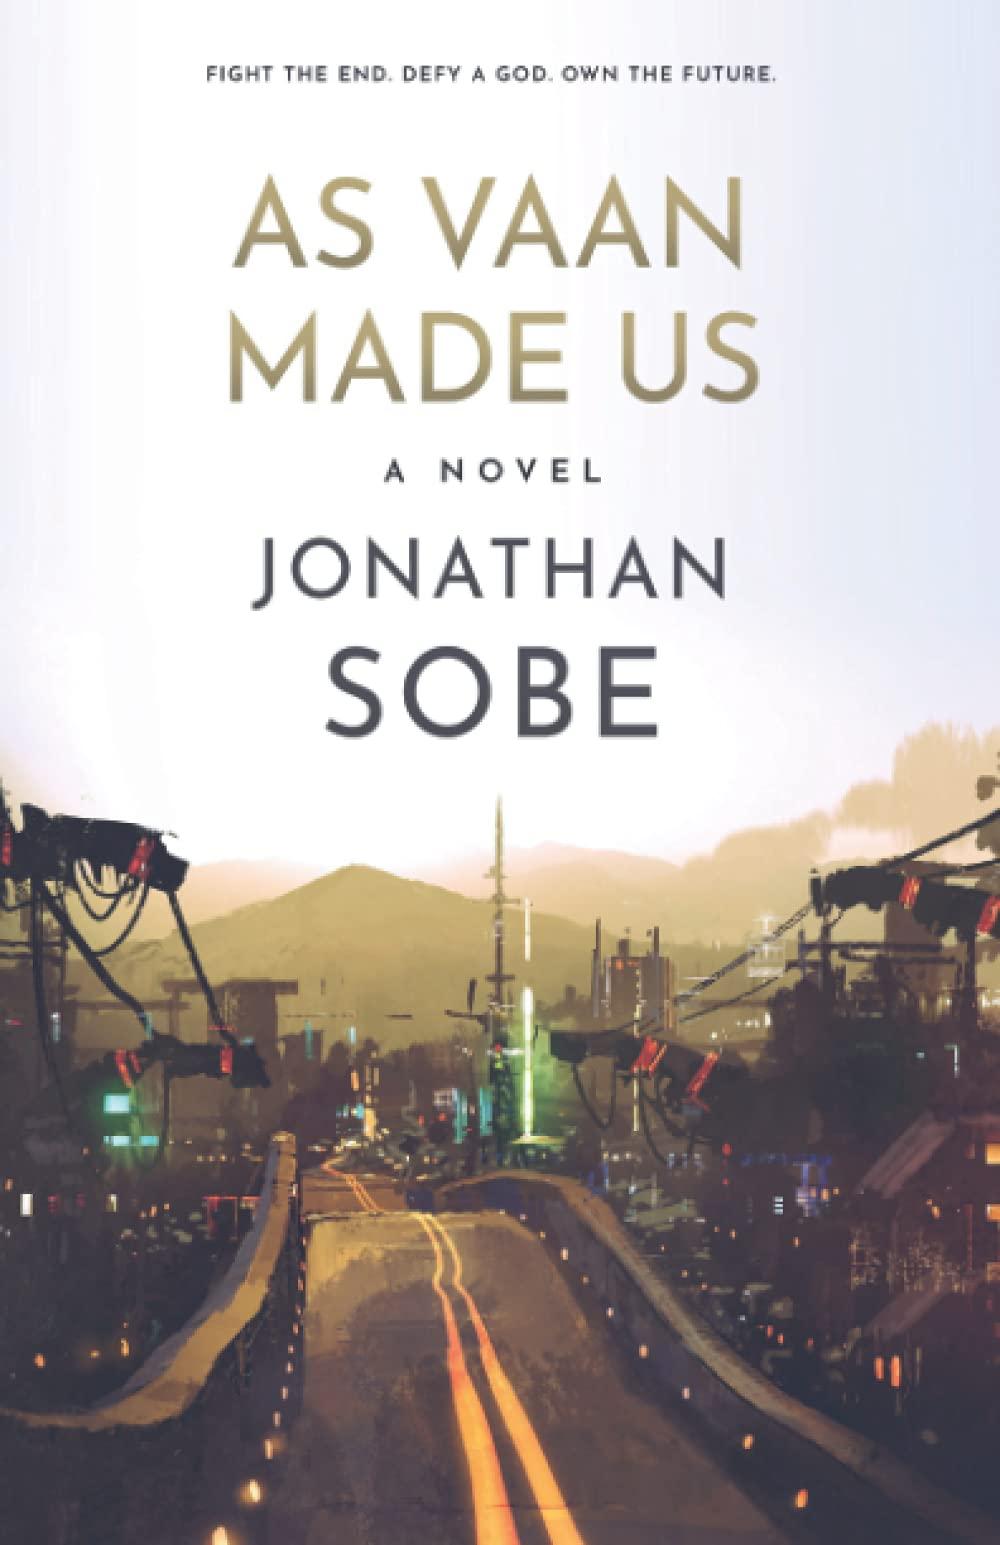 As Vaan Made us by Jonathan Sobe